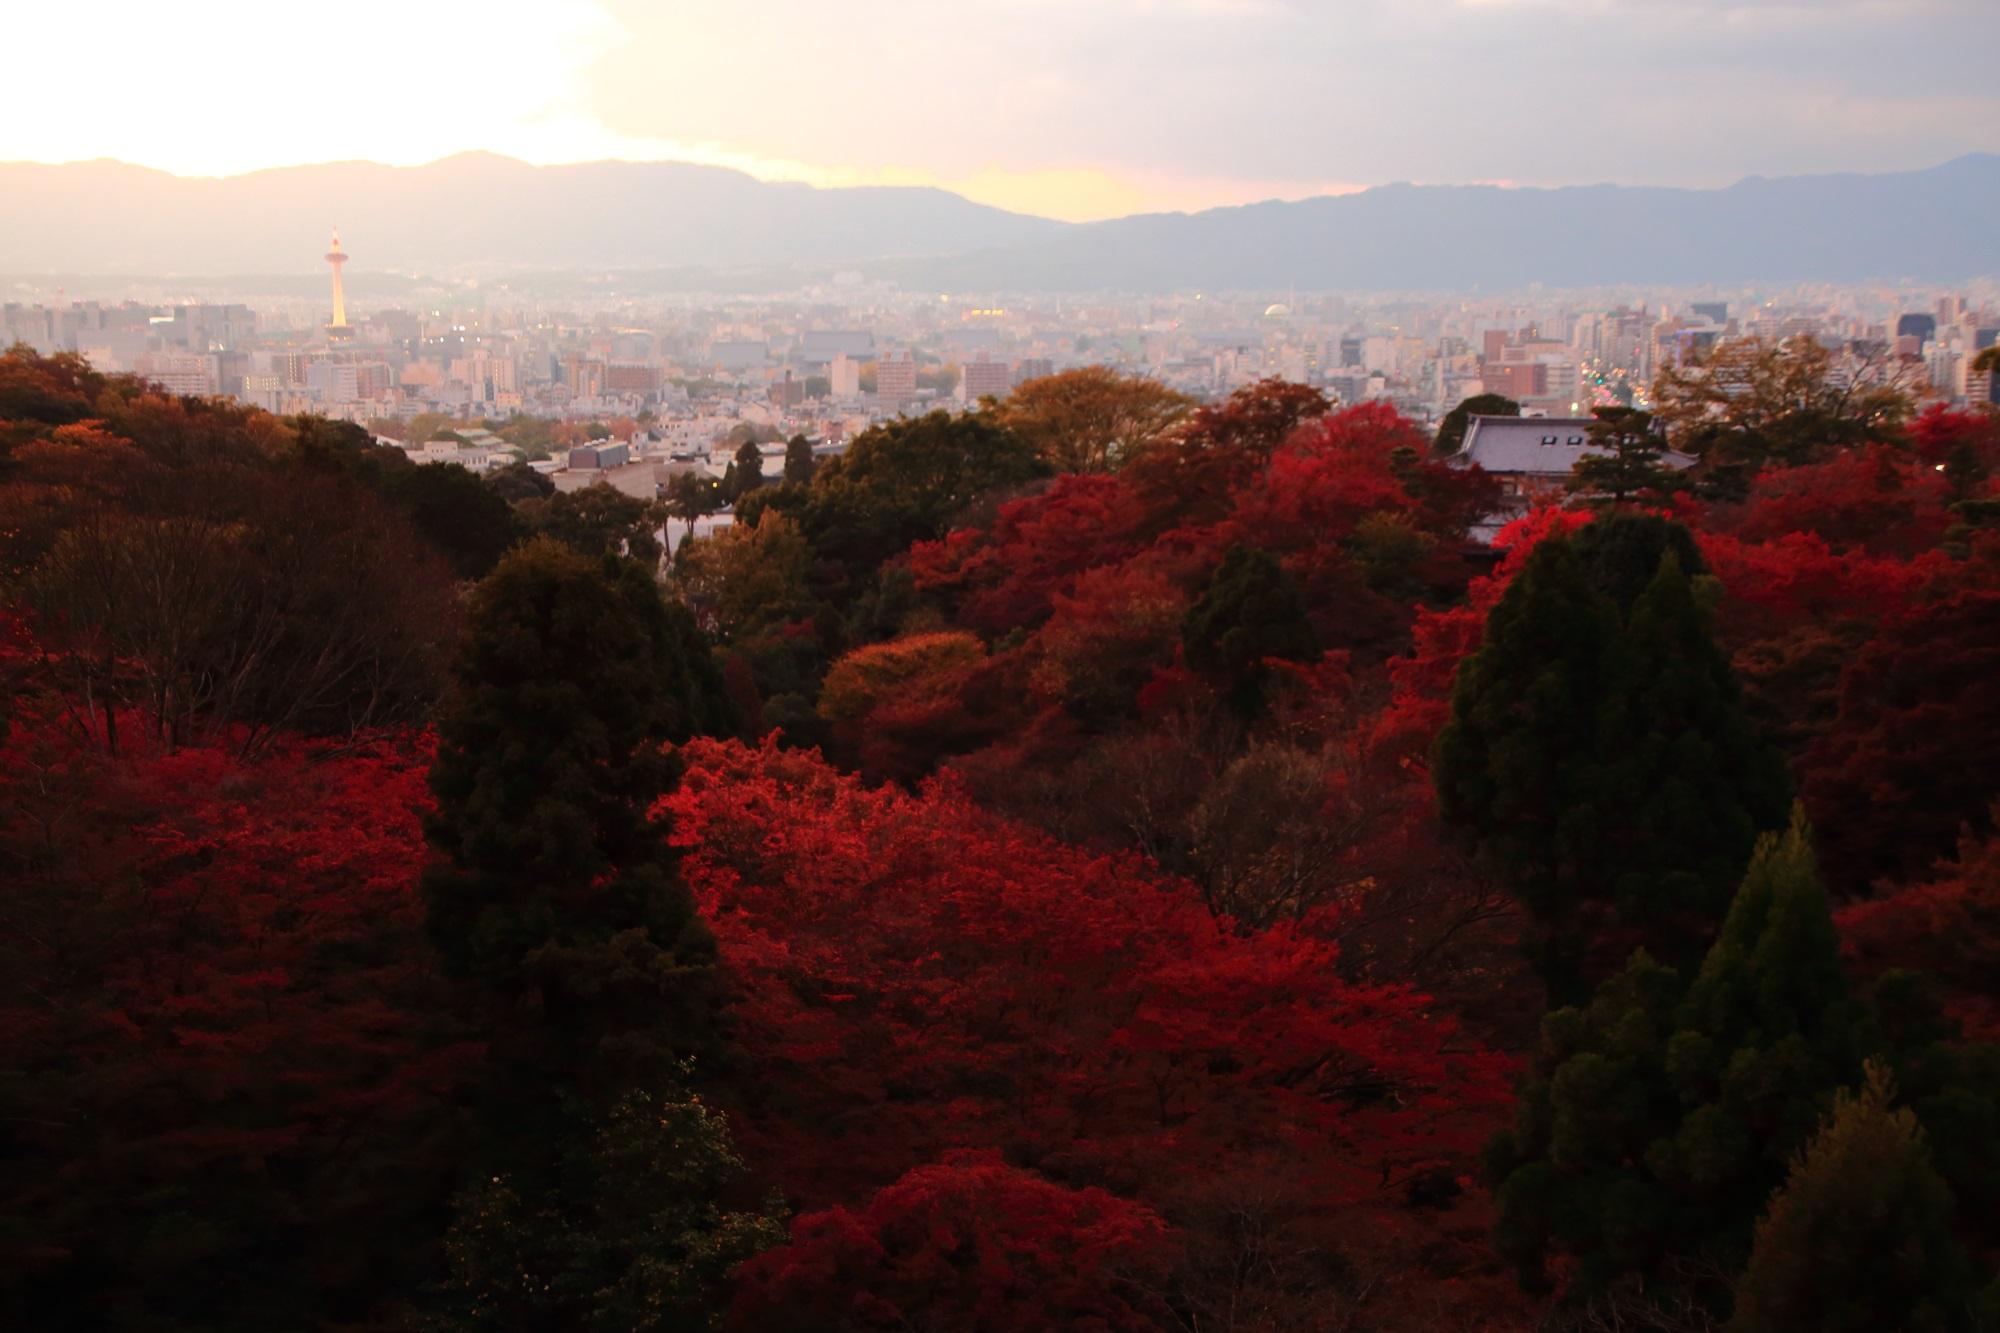 清水寺から眺めた夕焼けの紅葉と京都タワー